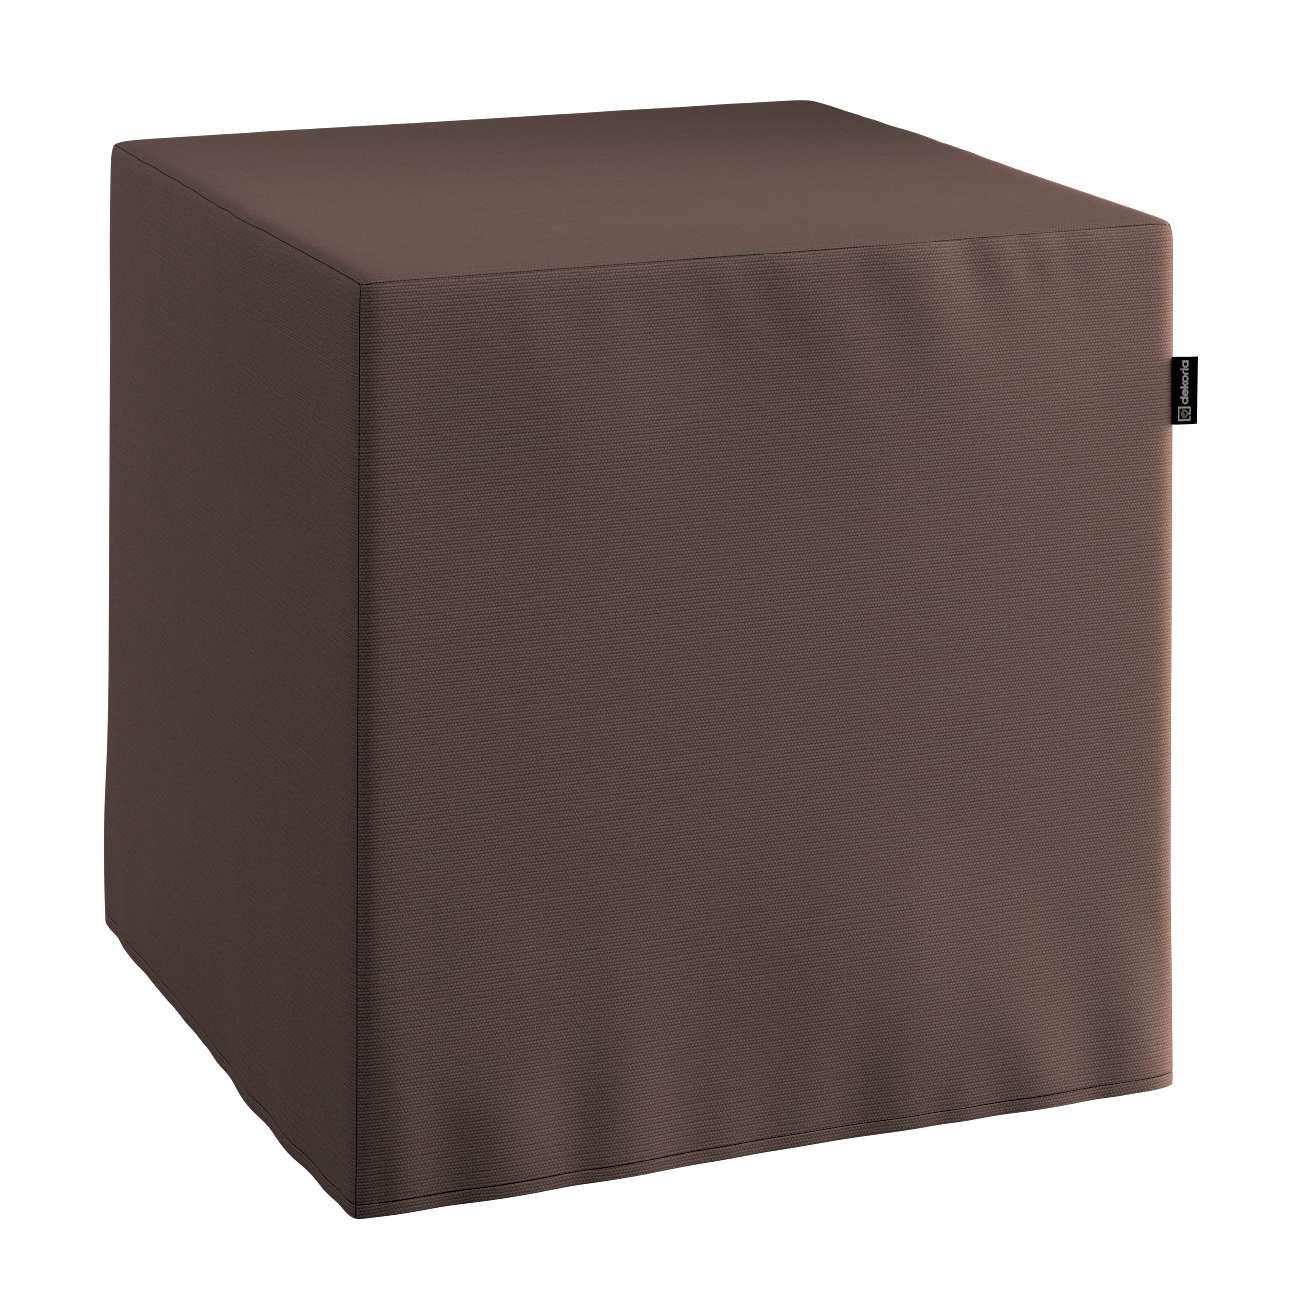 Harter Sitzwürfel 40 x 40 x 40 cm von der Kollektion Cotton Panama, Stoff: 702-03